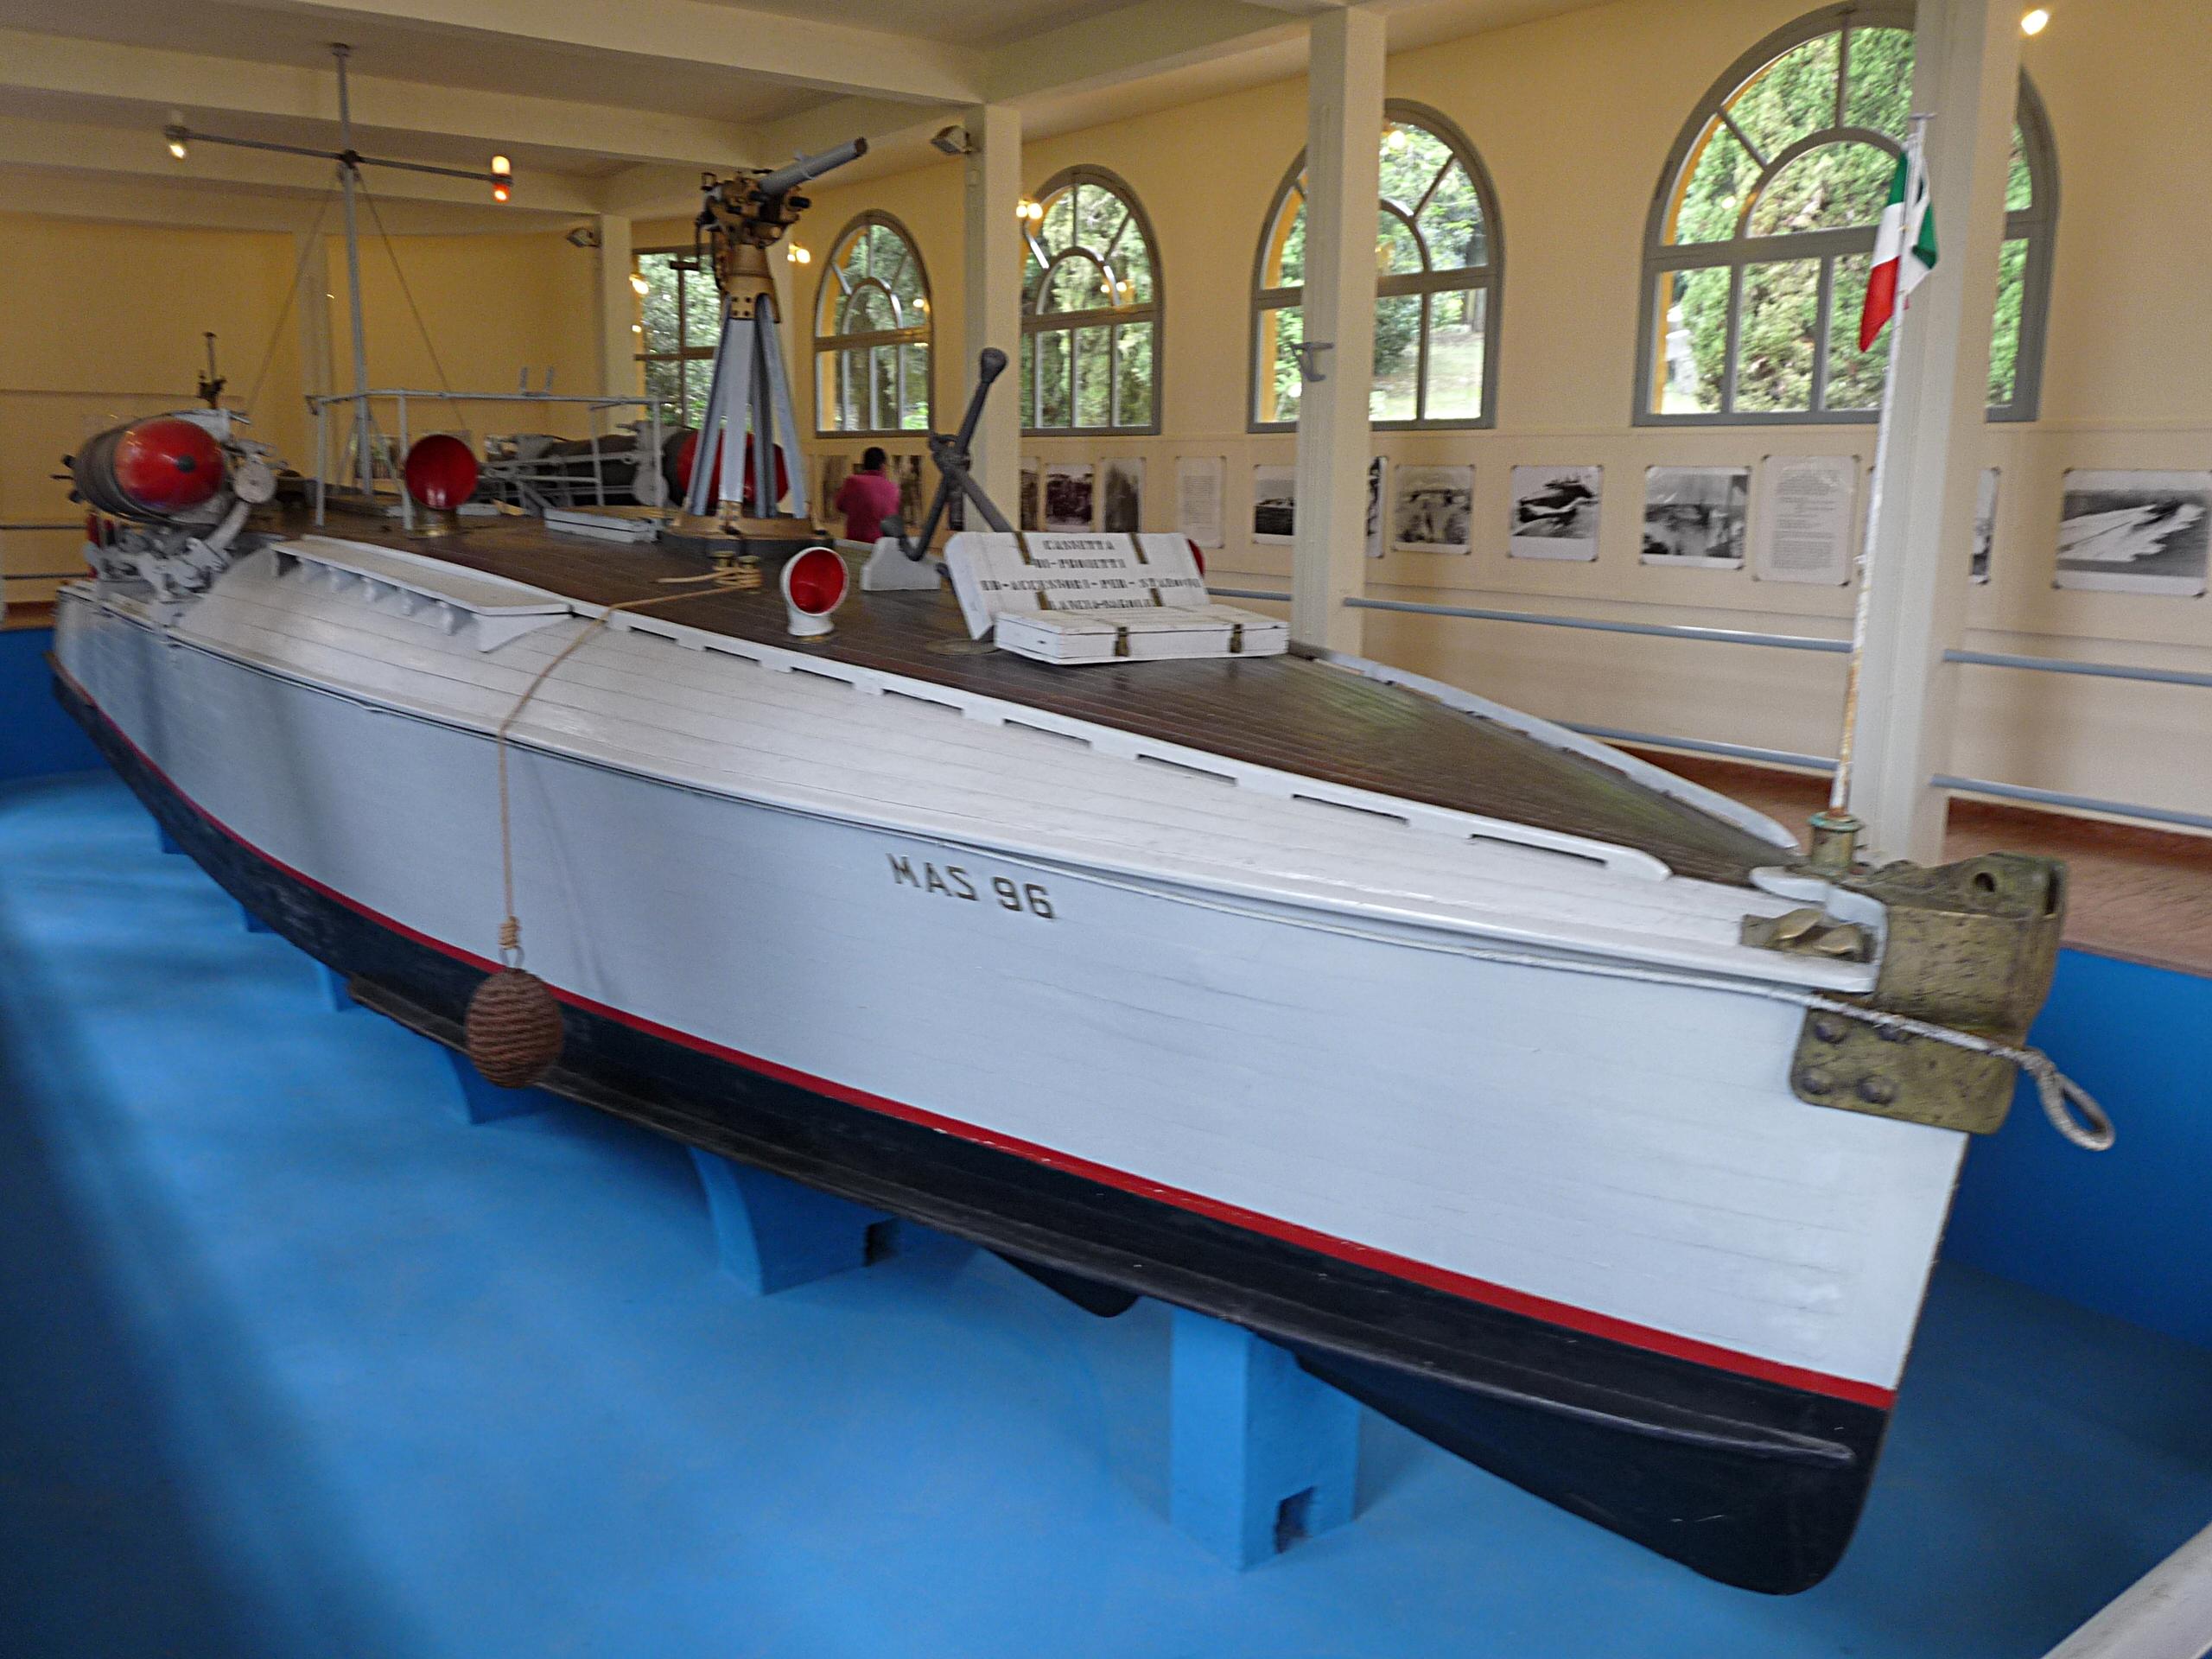 Torpedoboot MAS 96